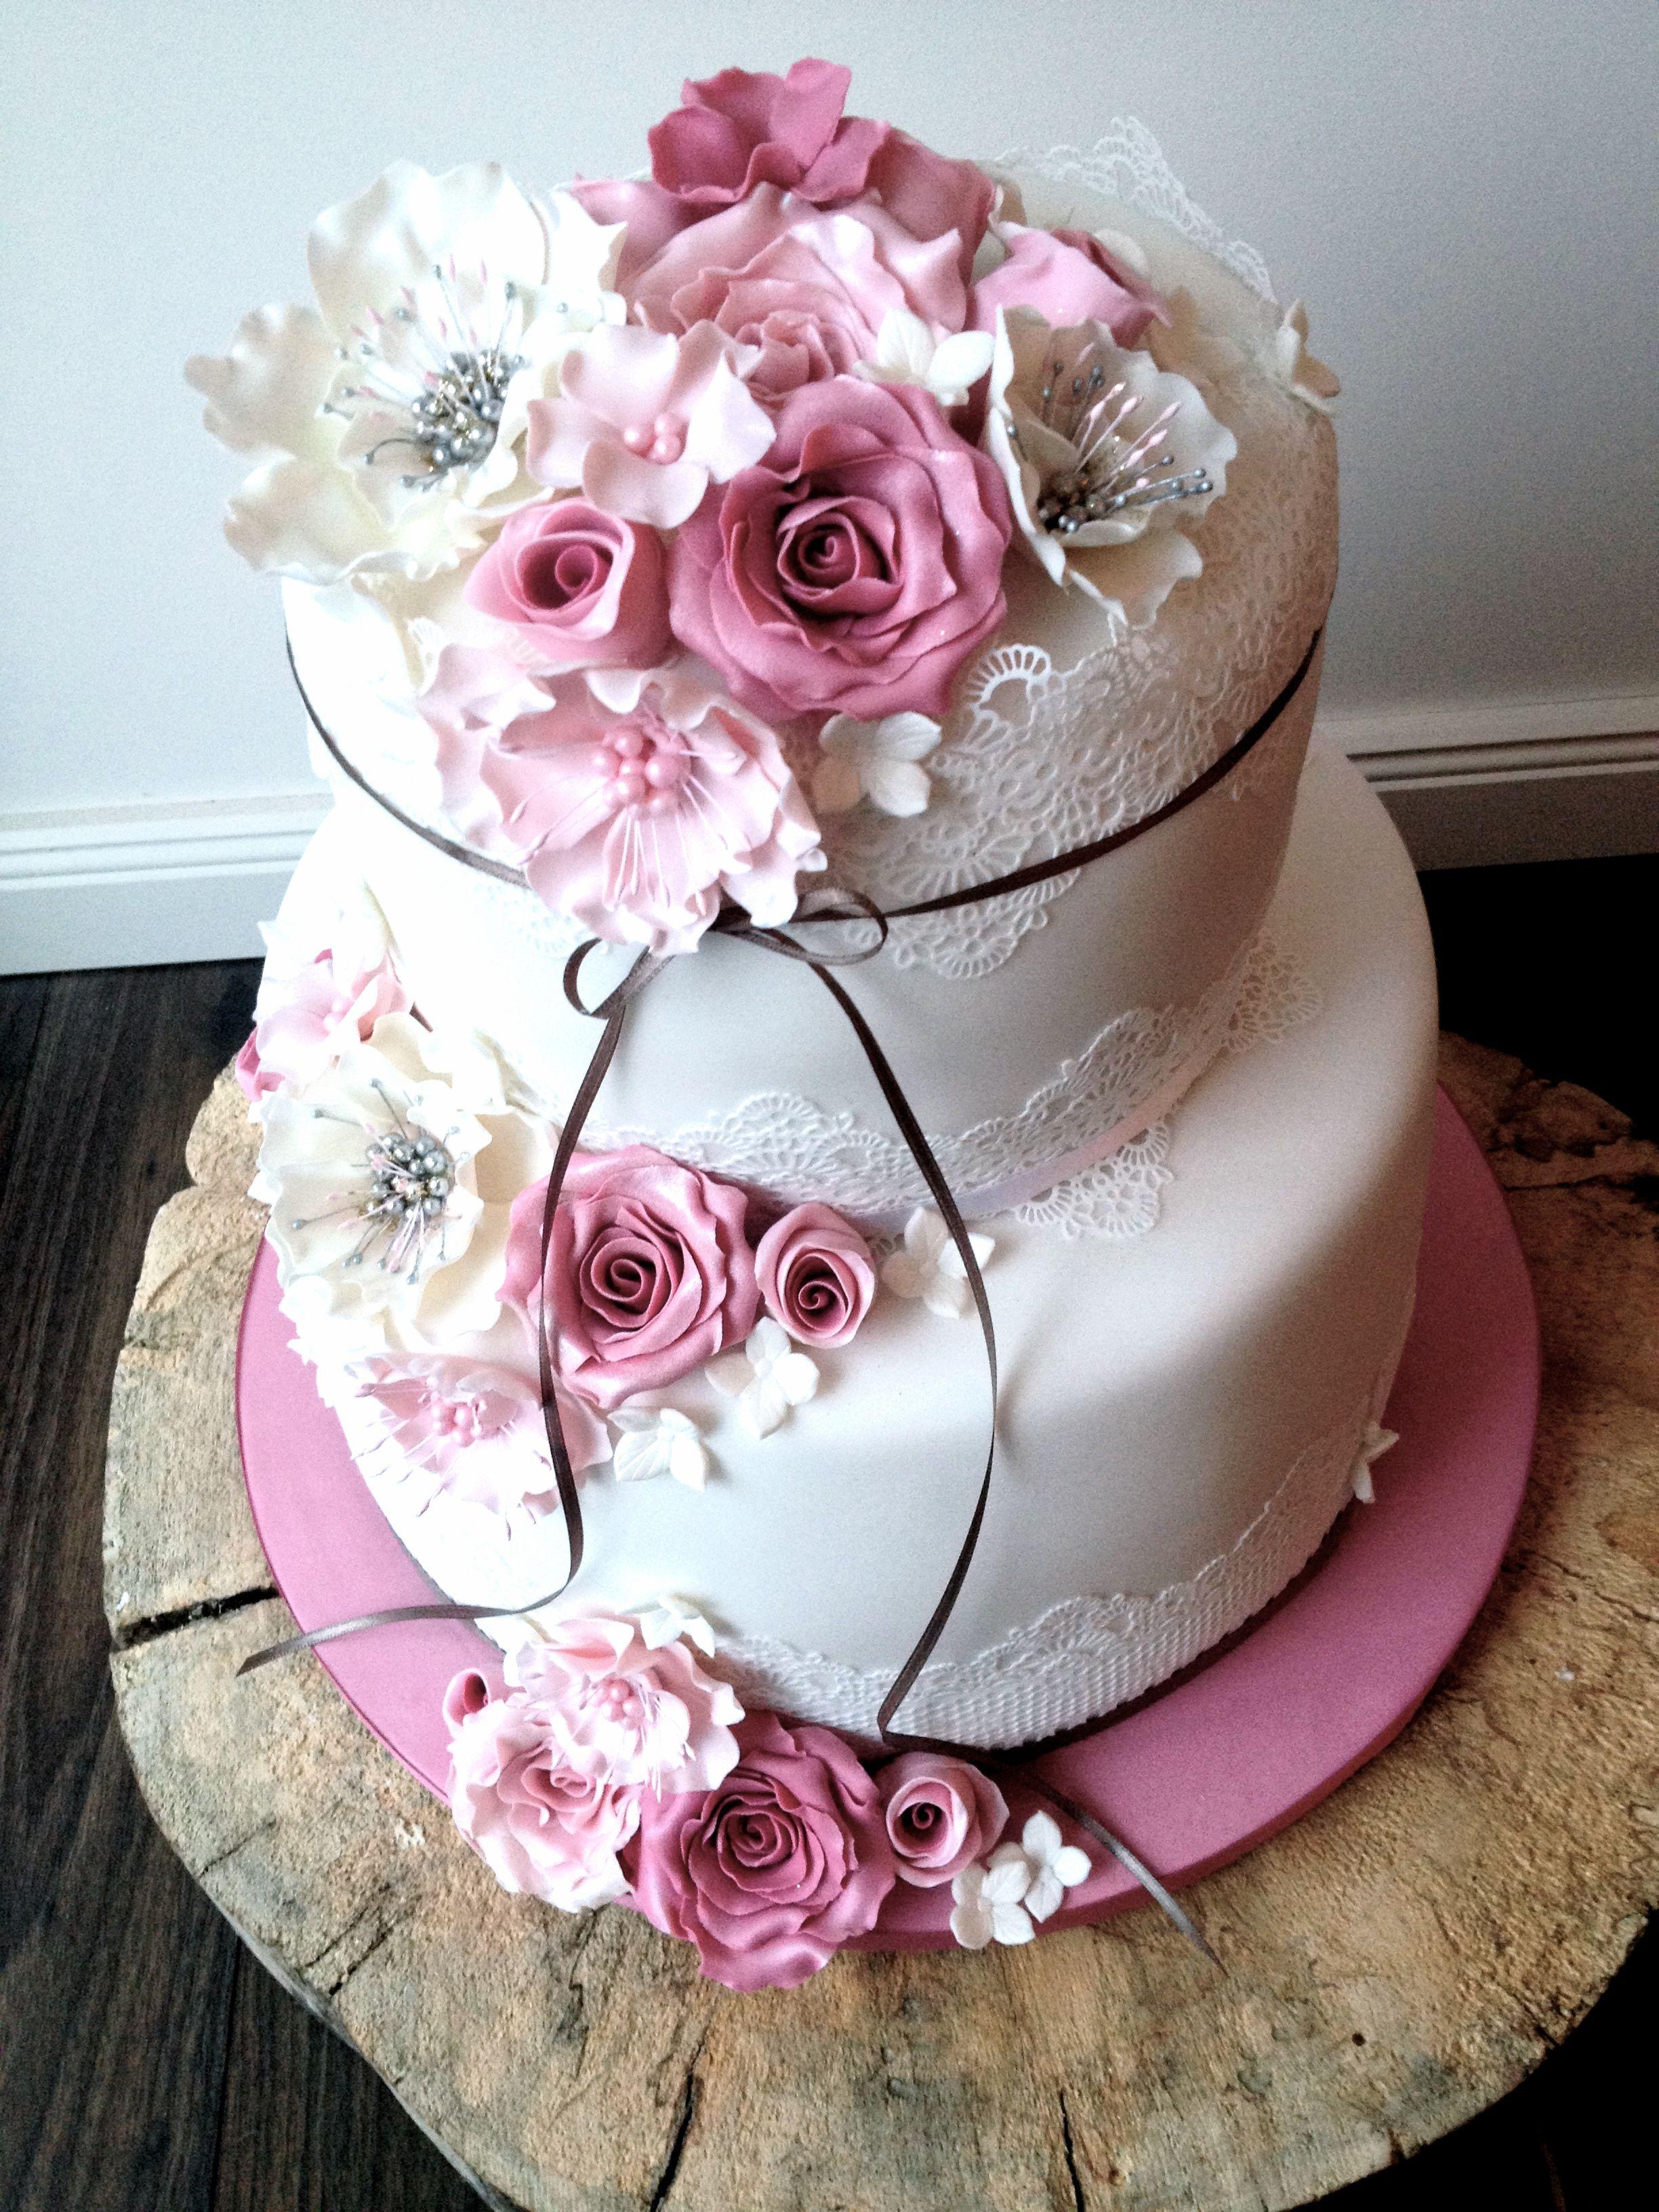 Vegane Hochzeitstorte Im Vintage Stil Tortenschon Wedding Cakes